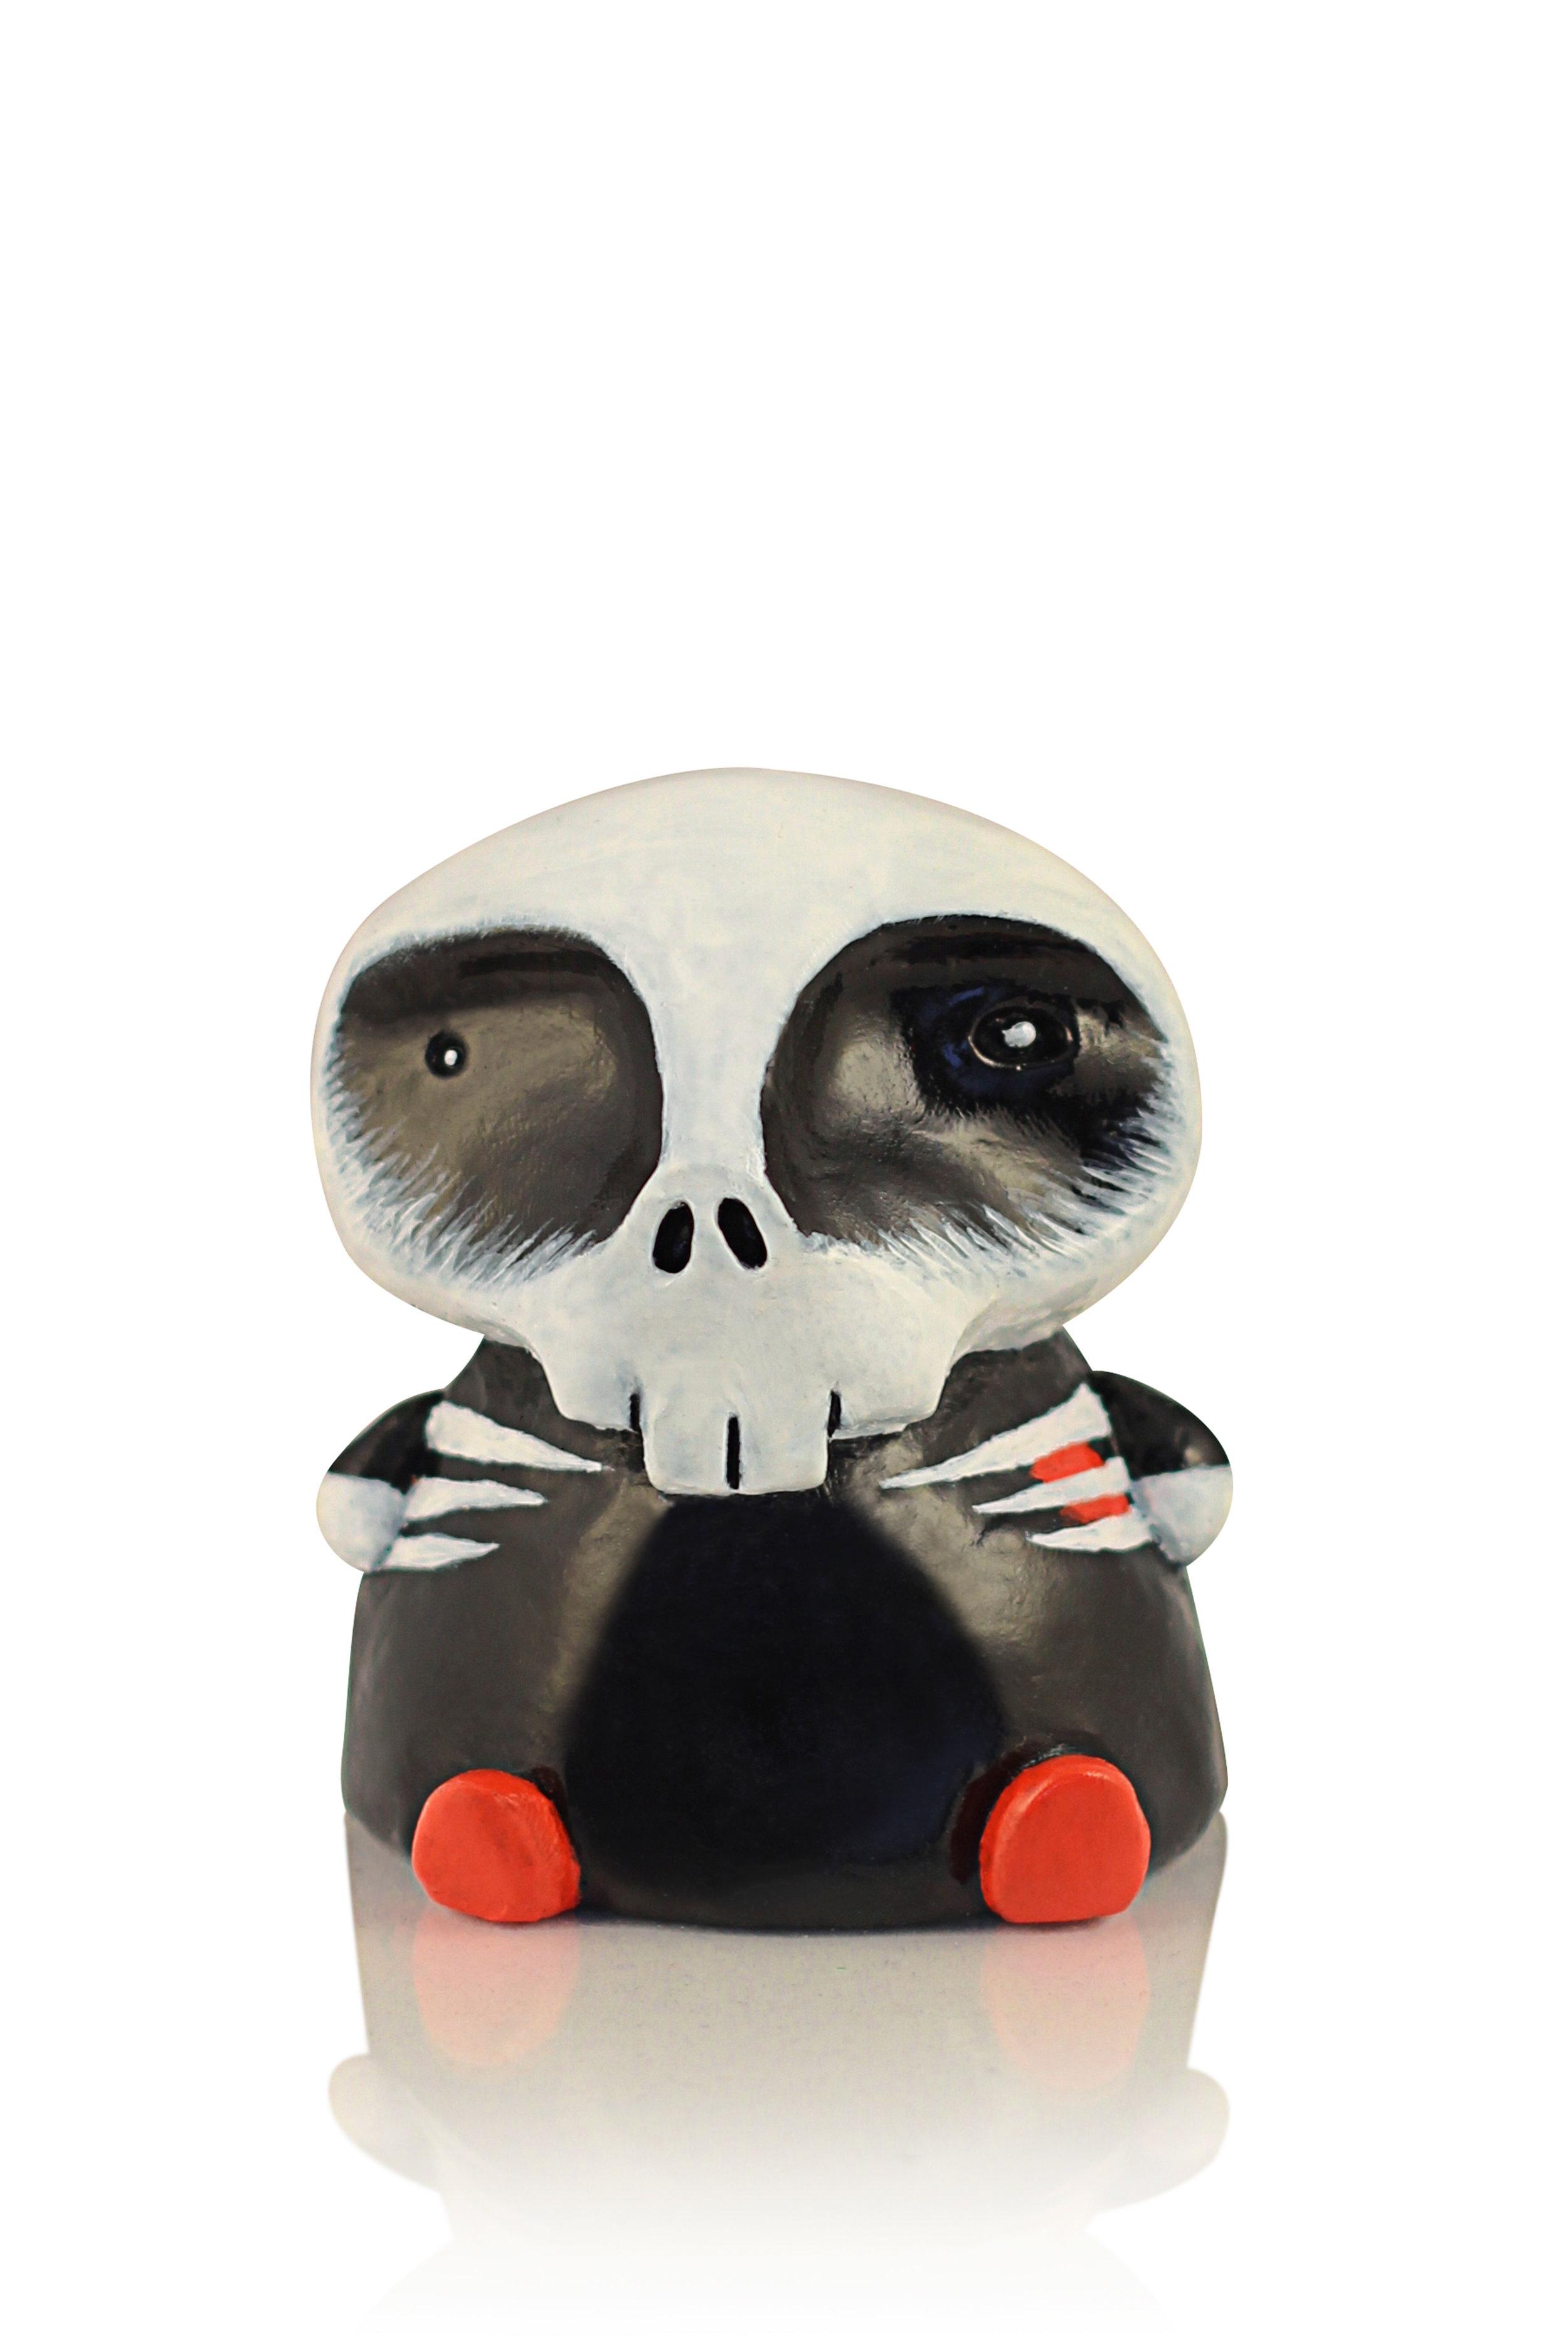 Howard the Skullboy